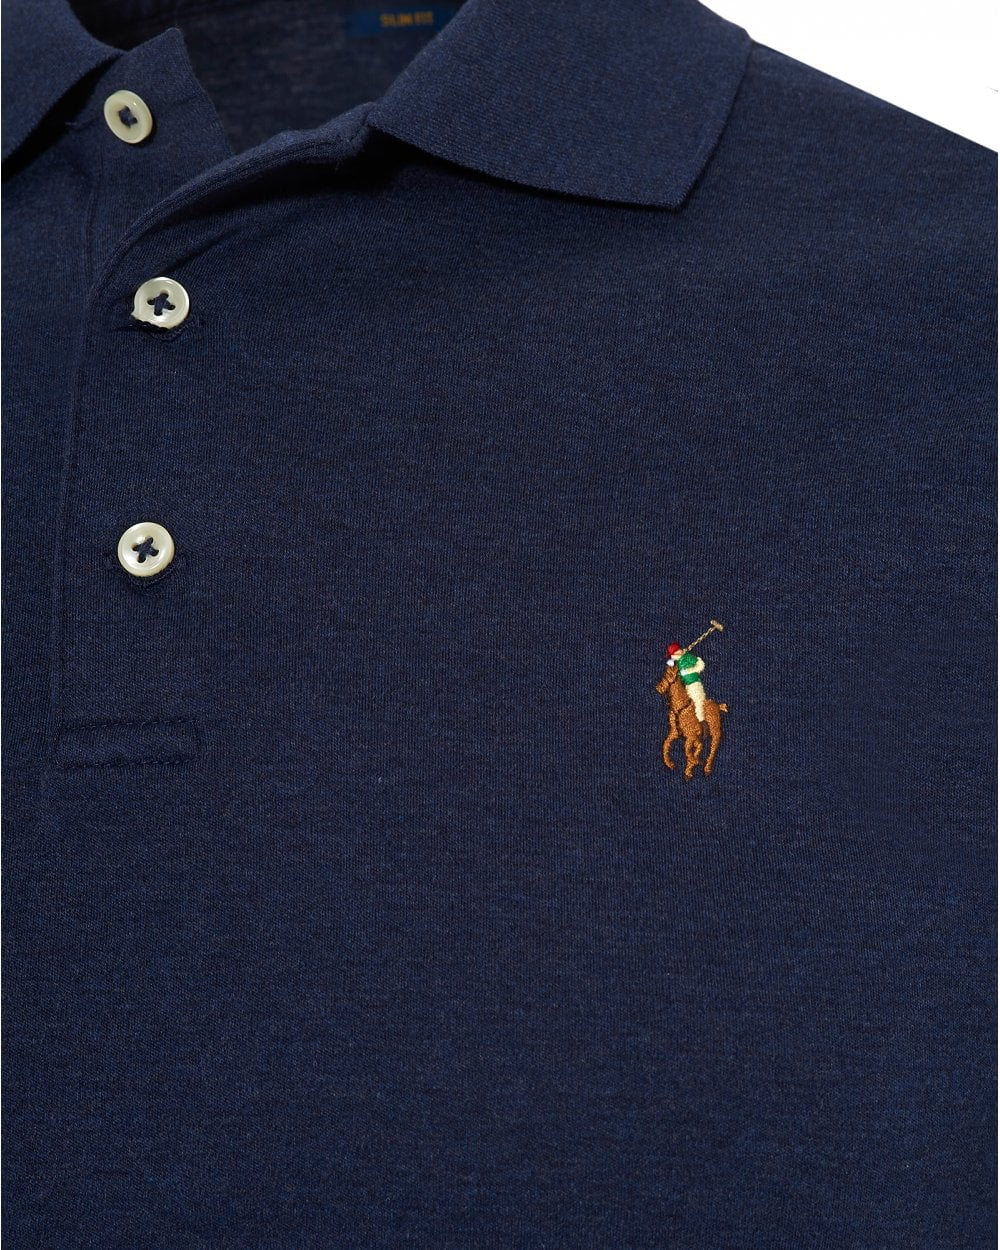 b4d85117a245 Ralph Lauren Pima Polo Shirt